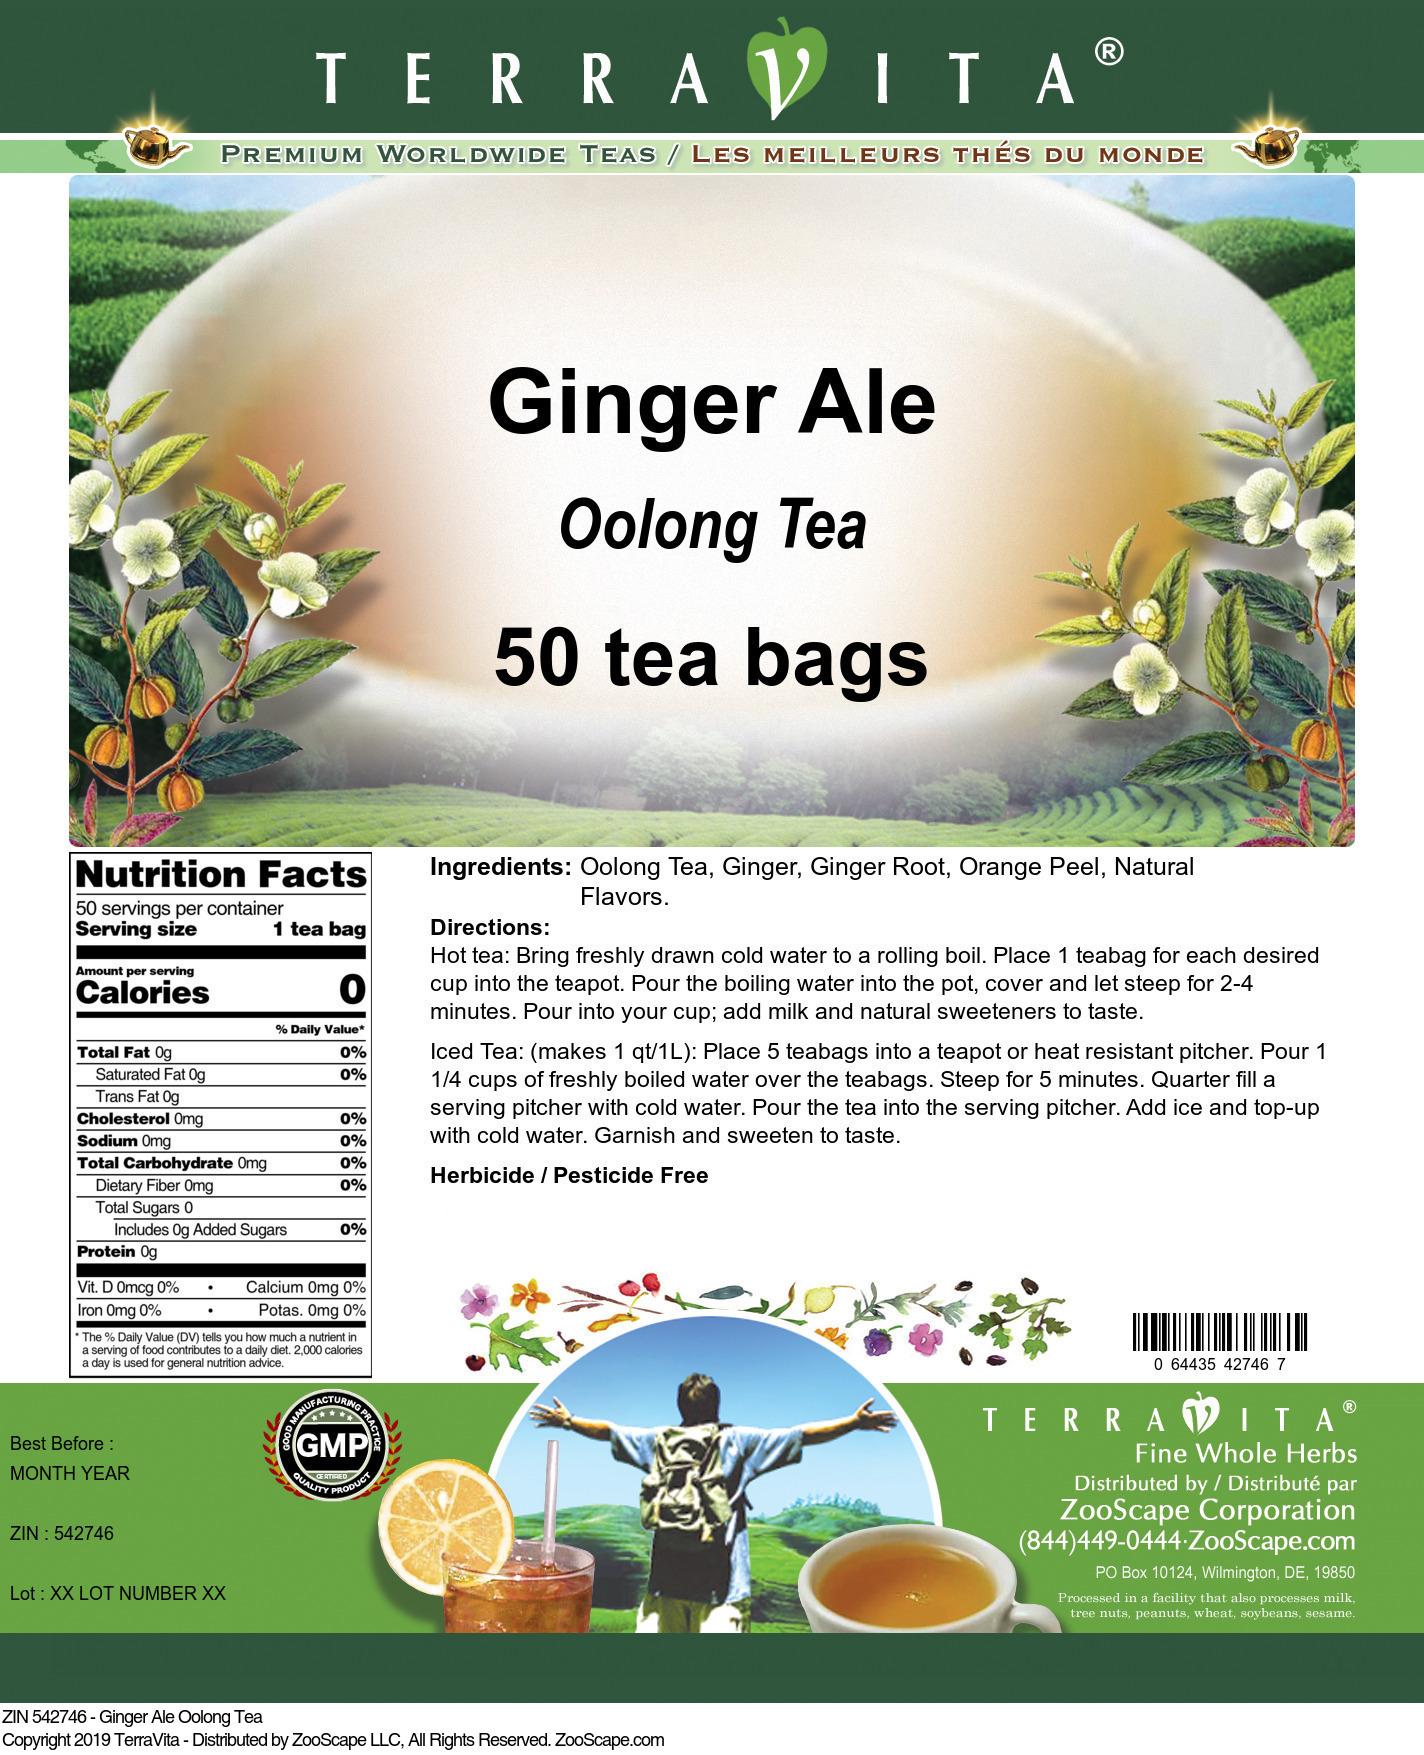 Ginger Ale Oolong Tea